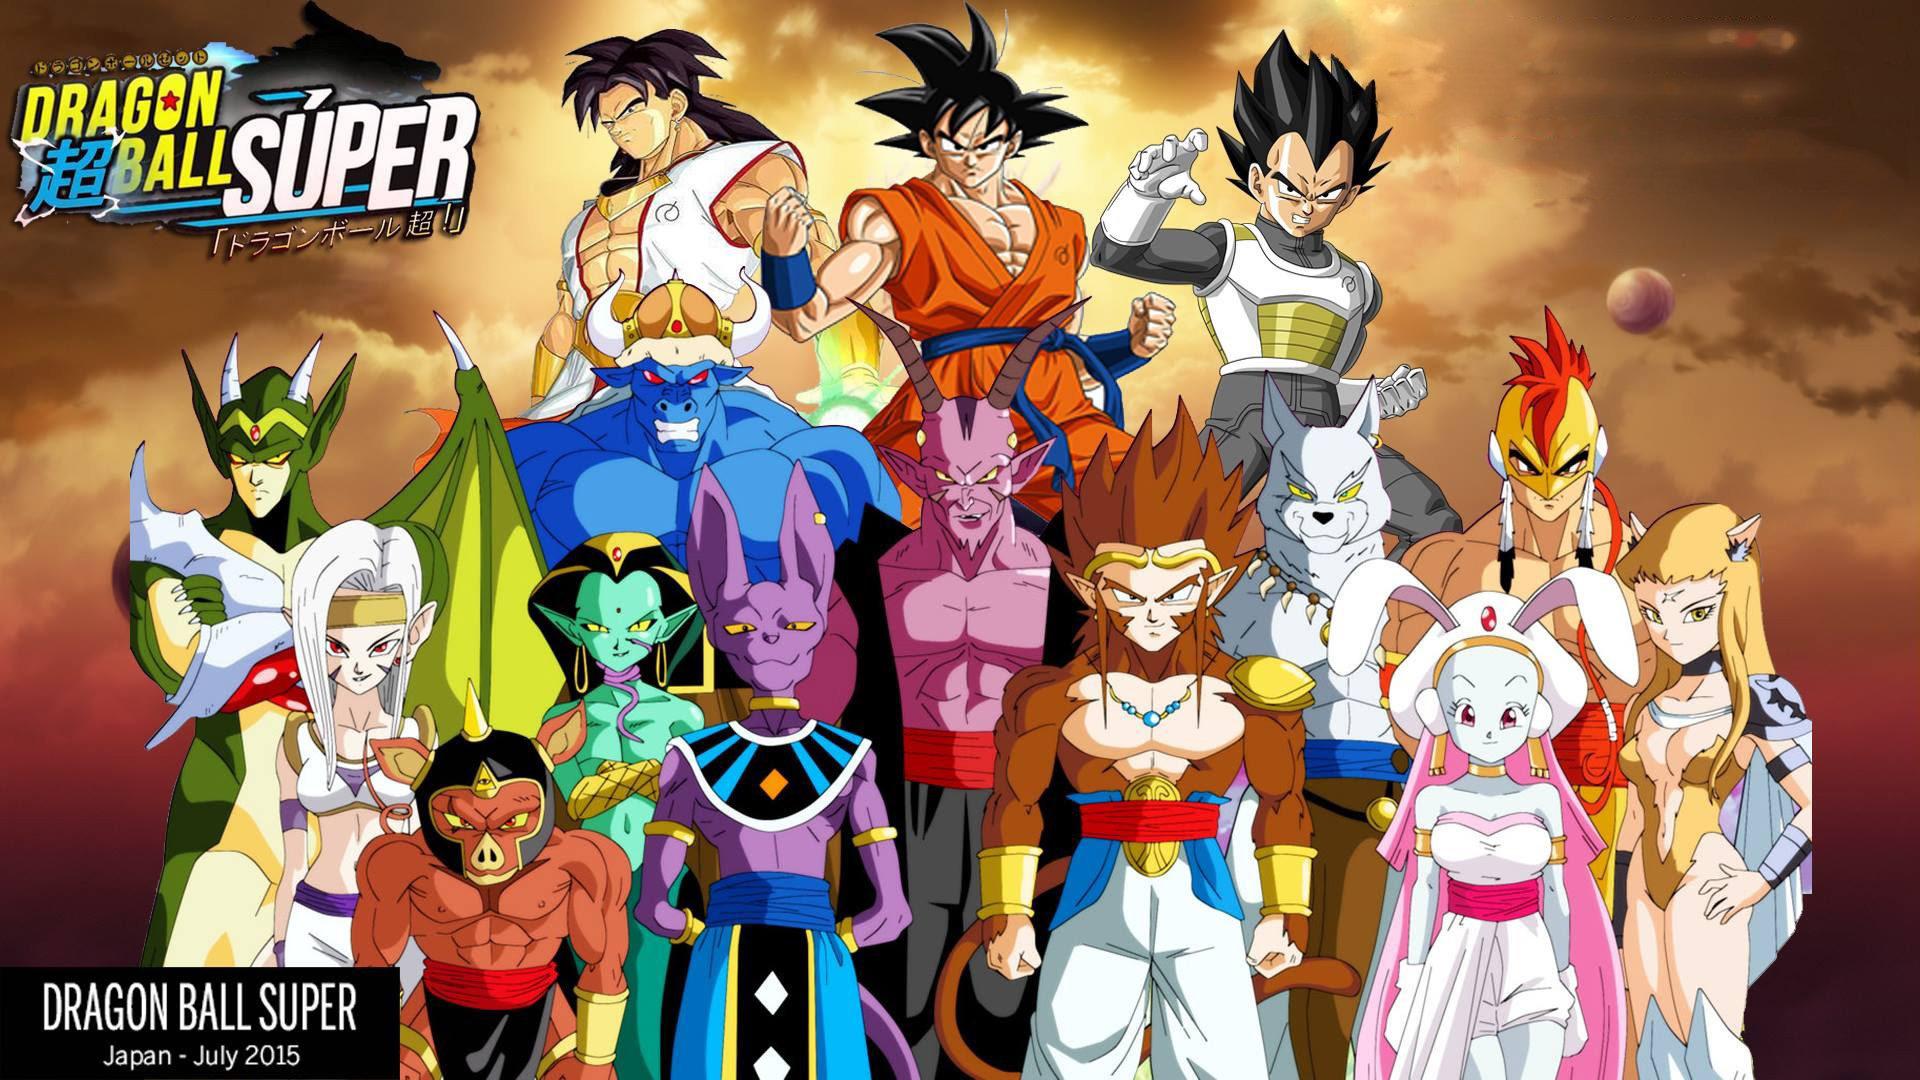 Anime Wallpaper For Anime Lovers